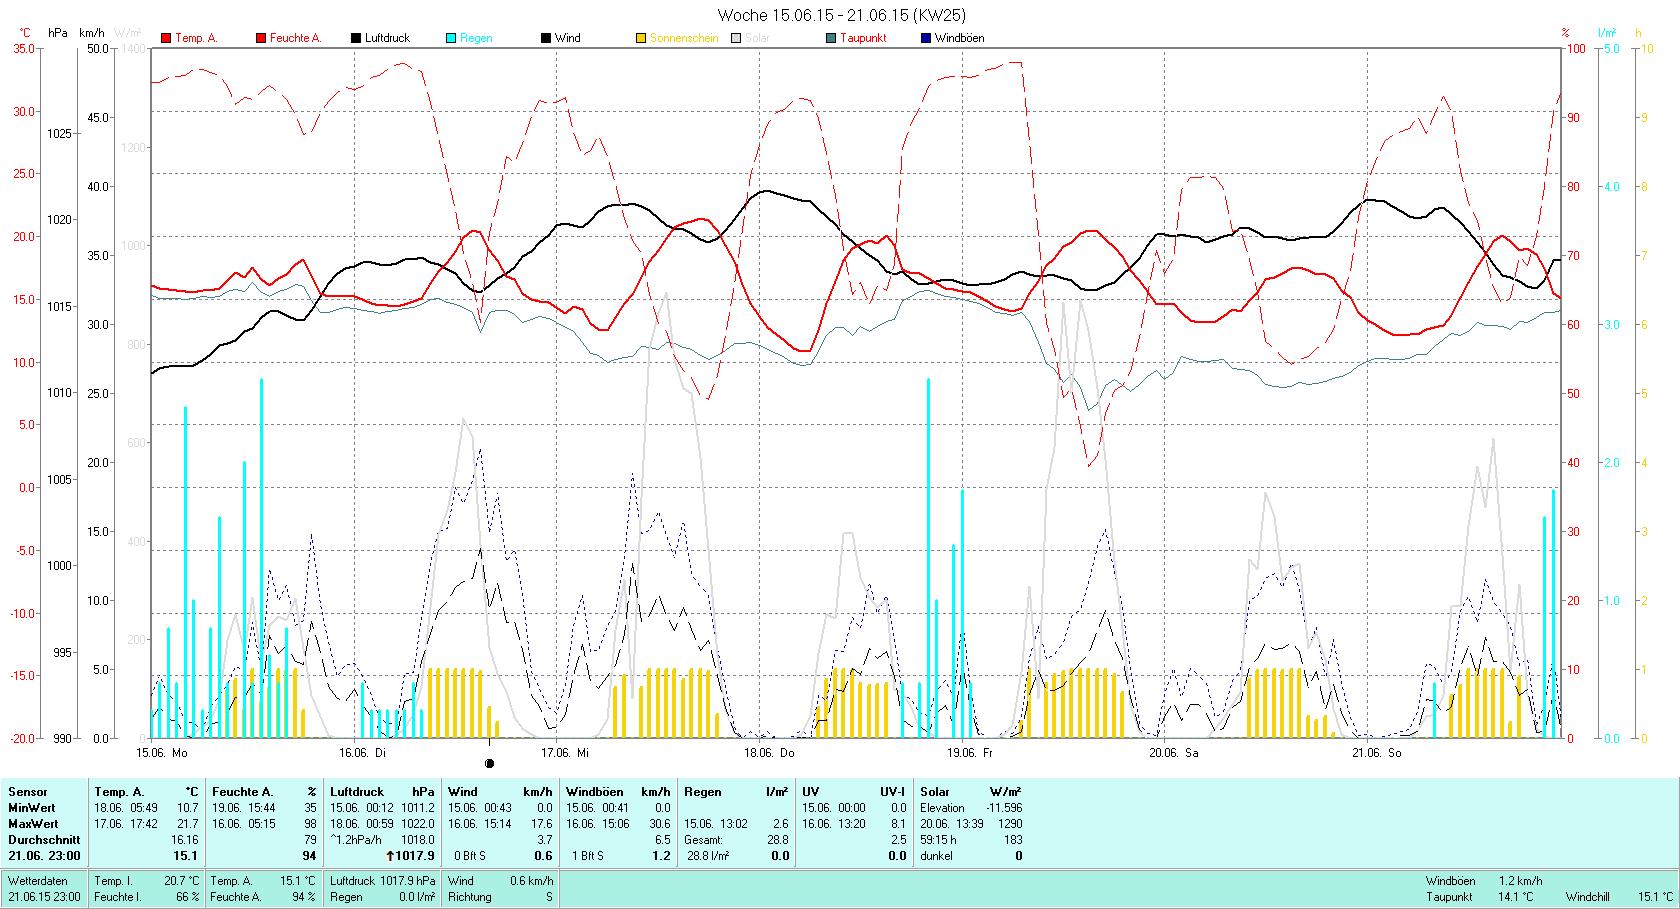 KW 25 Tmin 10.7°C, Tmax 21.7°C, Sonne 59:15h, Niederschlag 28.8mm/2